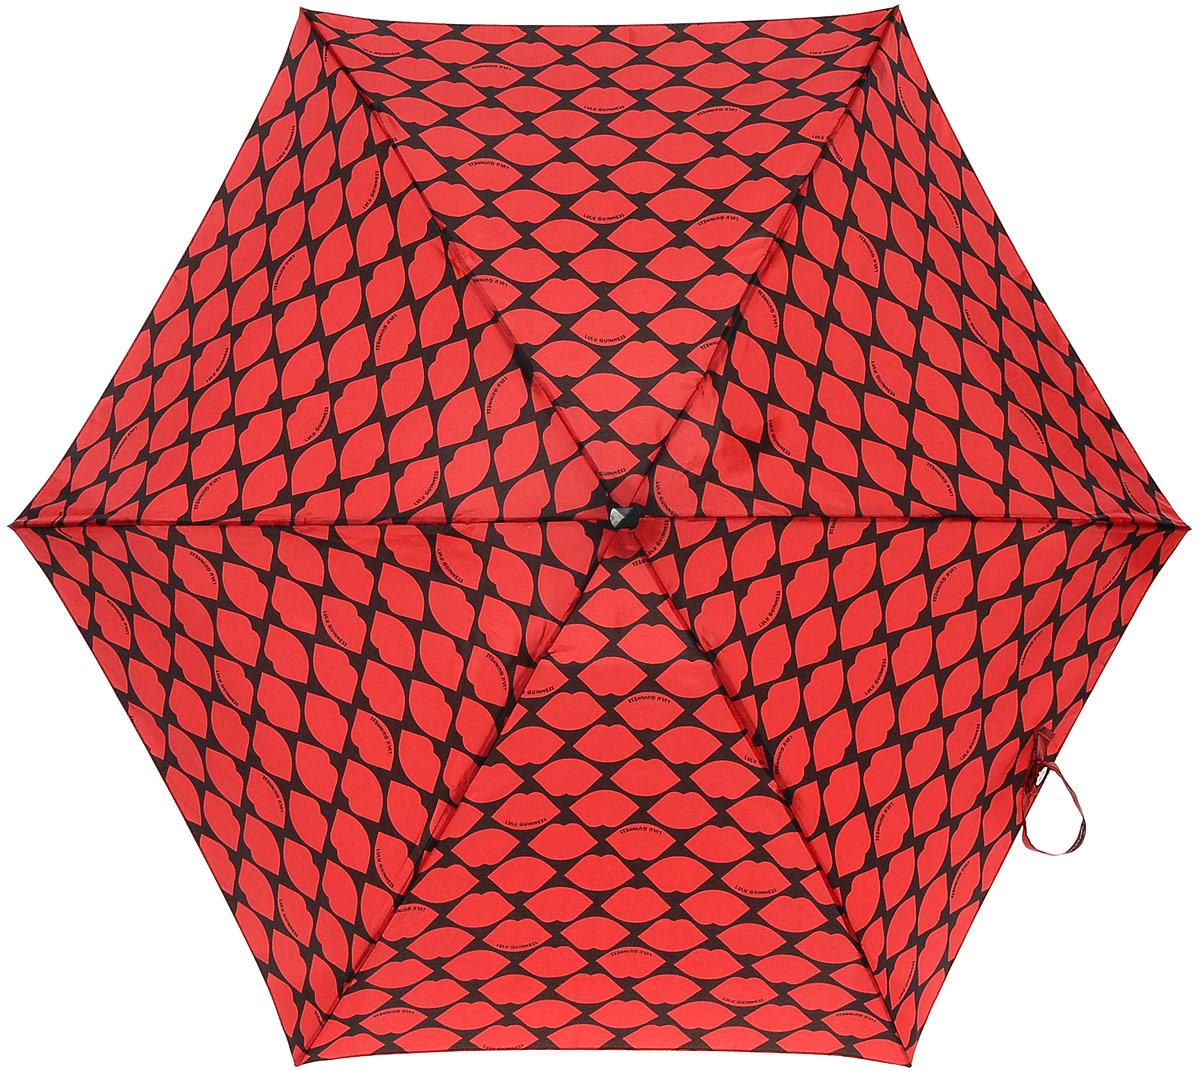 Зонт женский Lulu Guinness Tiny, механический, 5 сложений, цвет: черный, темно-красный. L717-2681L717-2681 LipsGridRedСтильный механический зонт Lulu Guinness Tiny в 5 сложений даже в ненастную погоду позволит вам оставаться элегантной. Облегченный каркас зонта выполнен из 6 спиц из фибергласса и алюминия, стержень также изготовлен из алюминия, удобная рукоятка - из пластика. Купол зонта выполнен из прочного полиэстера. В закрытом виде застегивается хлястиком на липучке. Яркий оригинальный принт в виде изображения губ поднимет настроение в дождливый день. Зонт механического сложения: купол открывается и закрывается вручную до характерного щелчка. На рукоятке для удобства есть небольшой шнурок, позволяющий надеть зонт на руку тогда, когда это будет необходимо. К зонту прилагается чехол с небольшой нашивкой с названием бренда. Такой зонт компактно располагается в кармане, сумочке, дверке автомобиля.